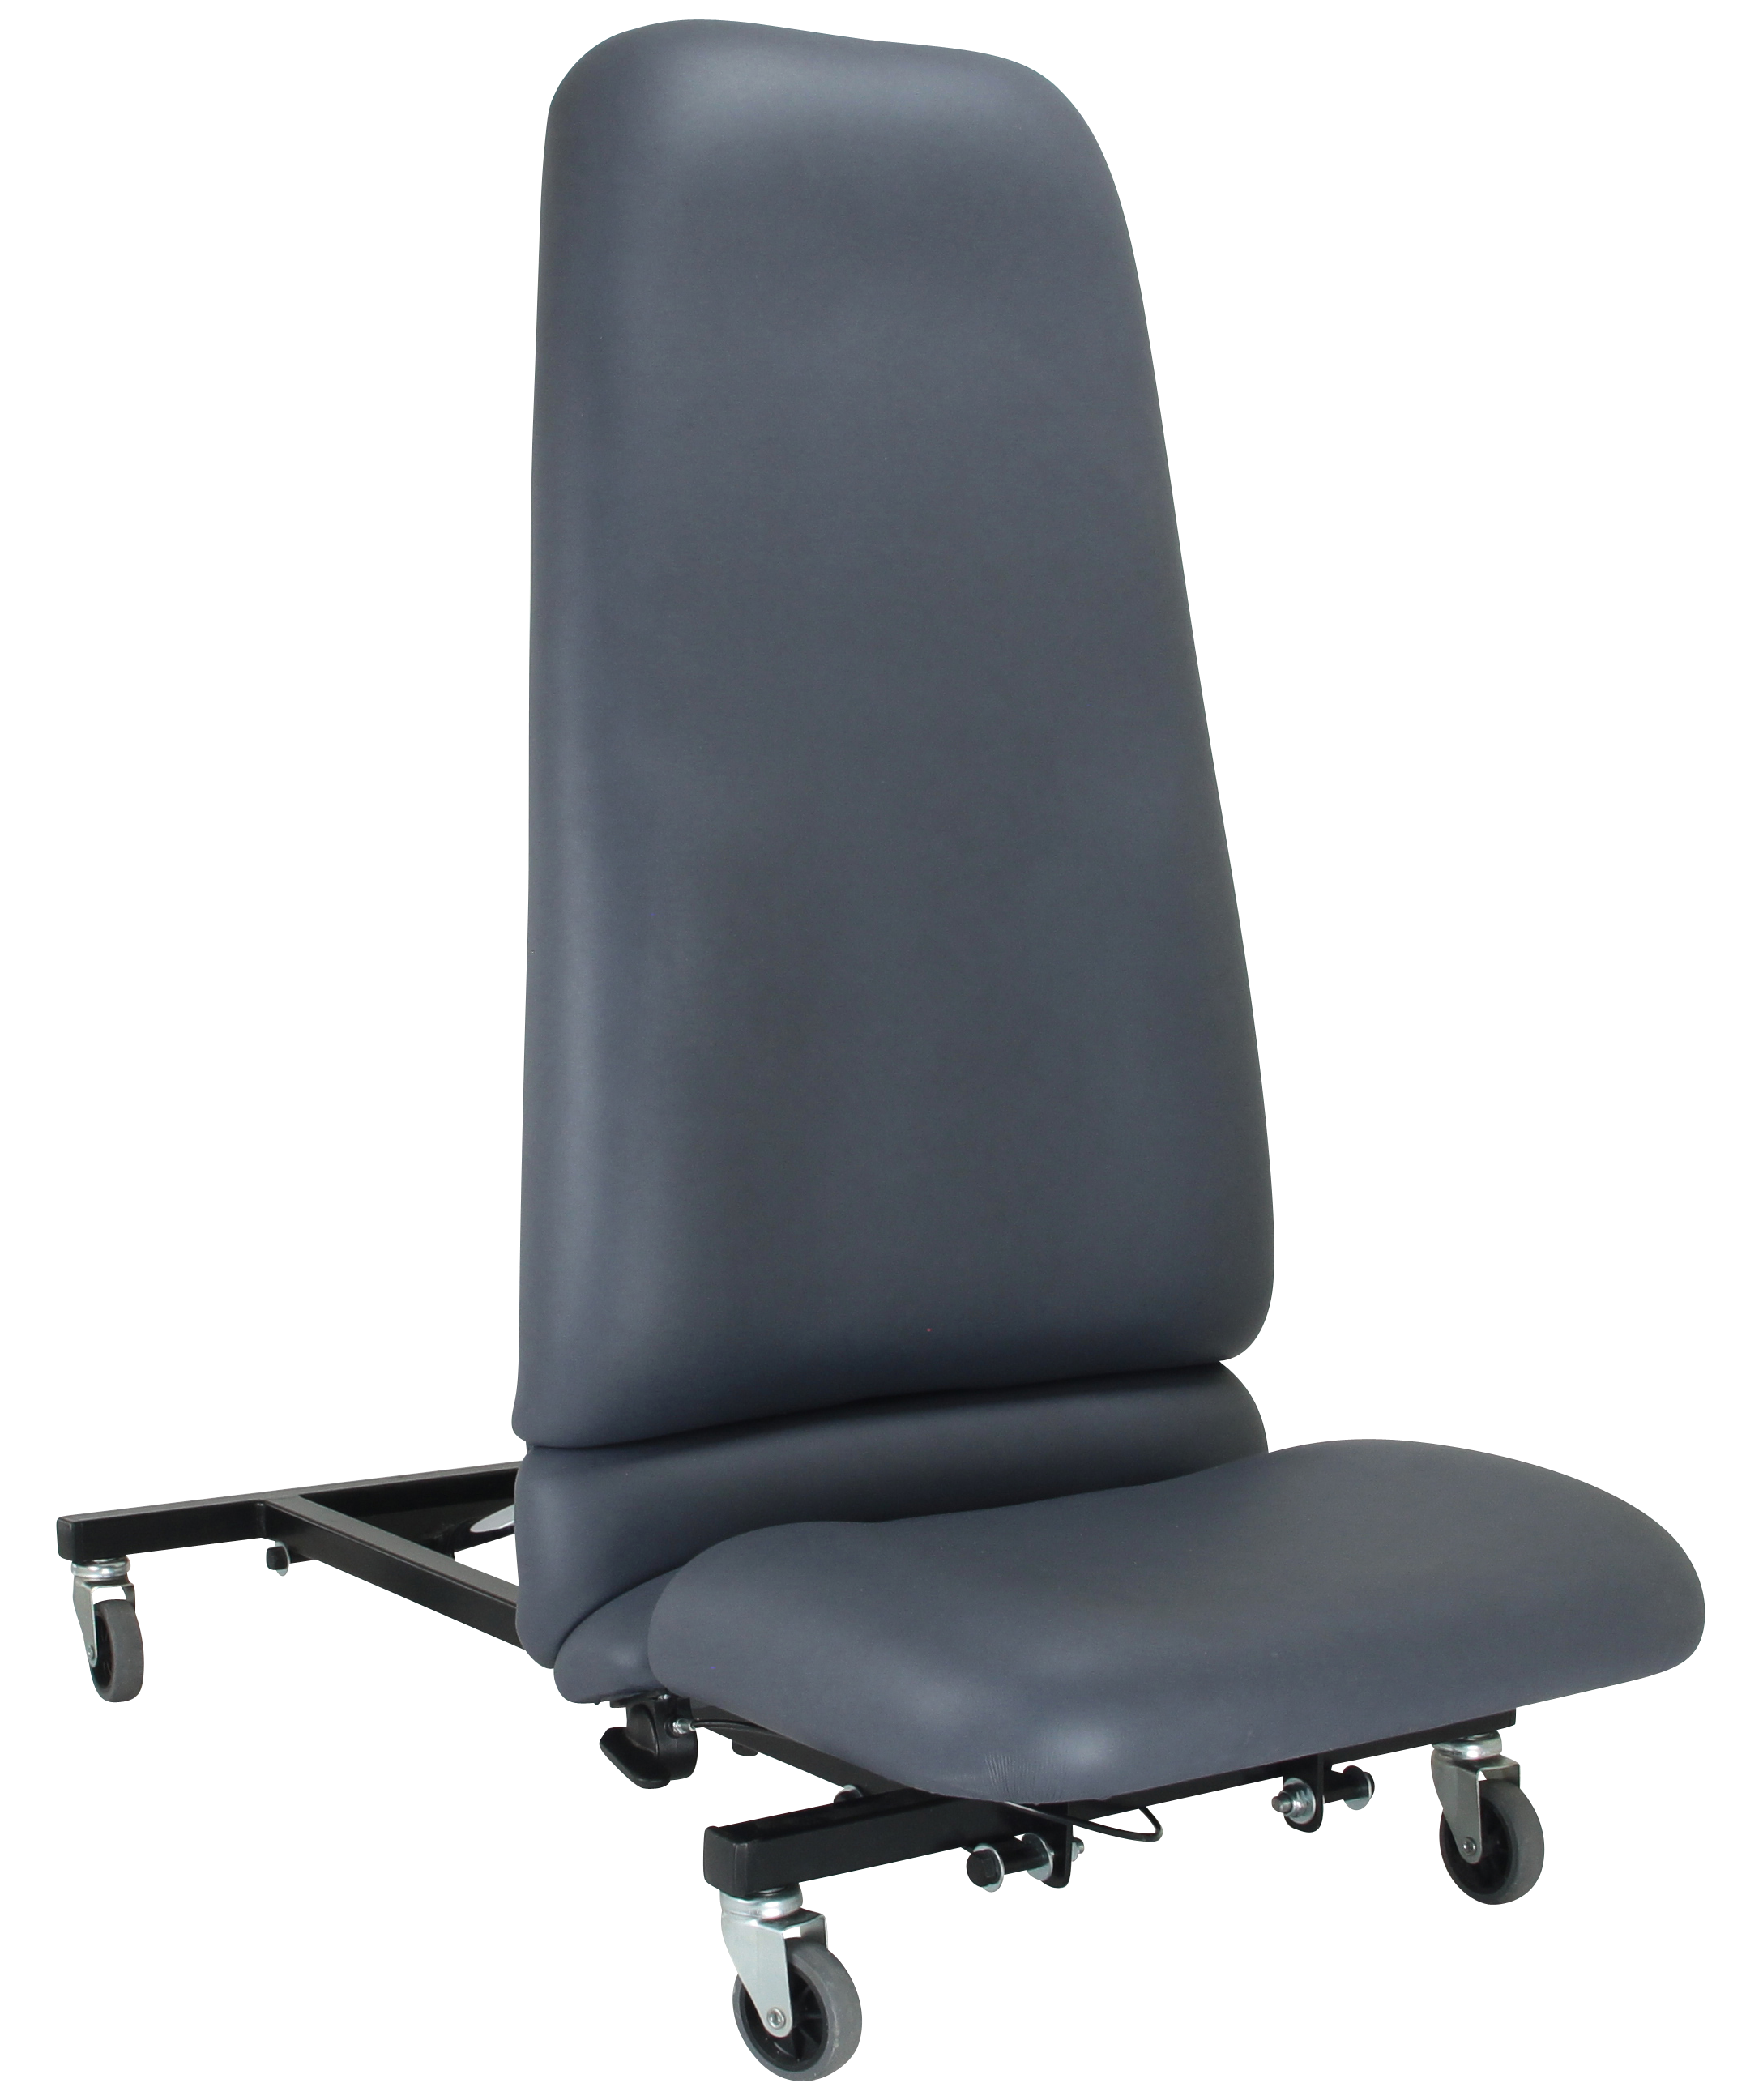 Planche ergonomique SKARA de siegepro.com avec assise et dossier inclinable